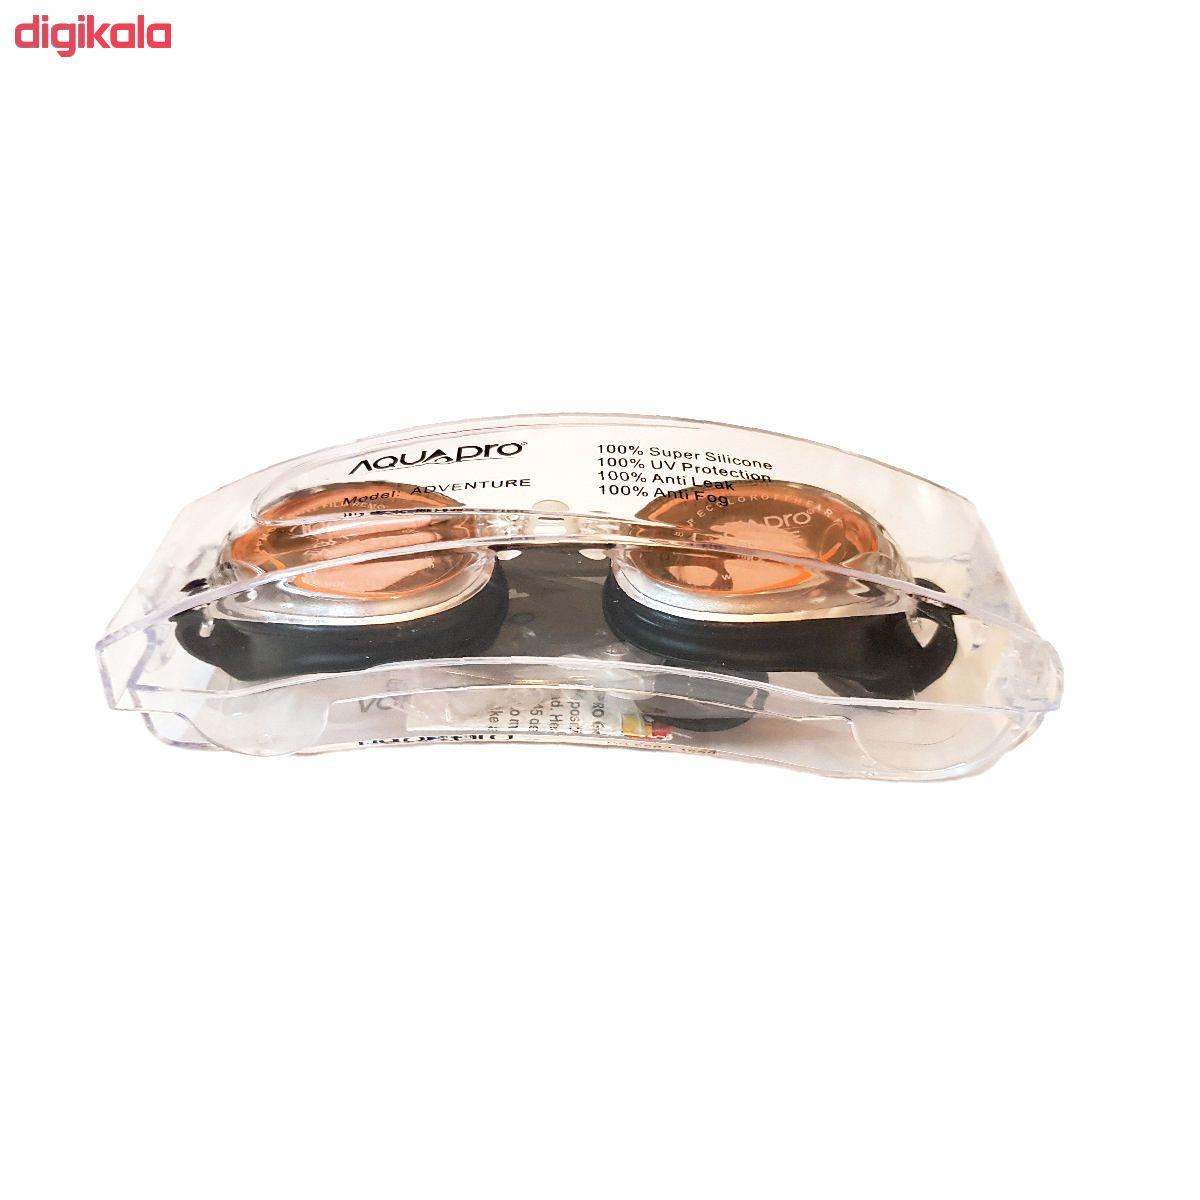 عینک شنا اکوا پرو مدل ADVENTURE  main 1 6